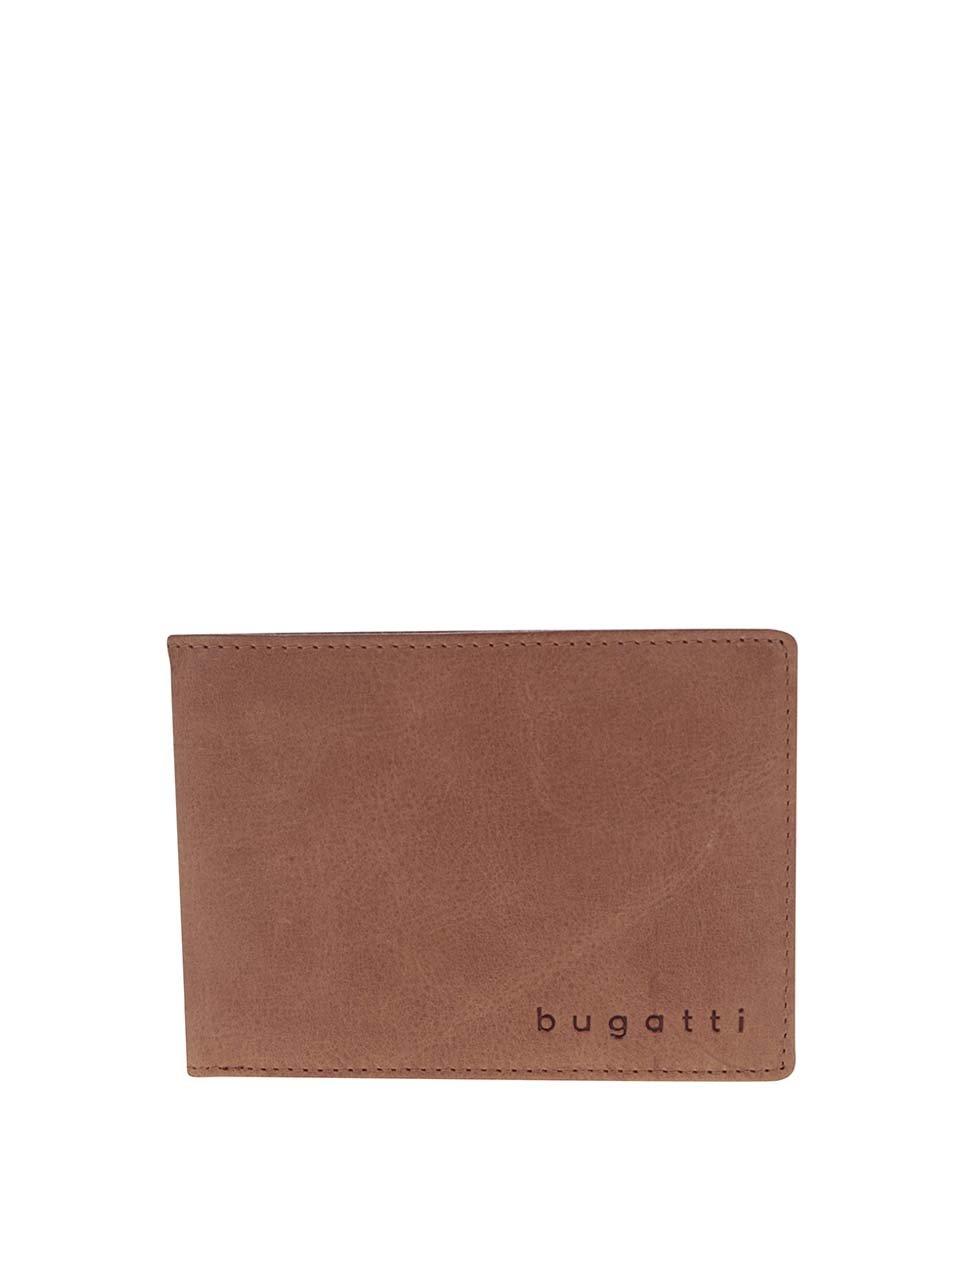 Světle hnědá pánská kožená peněženka bugatti